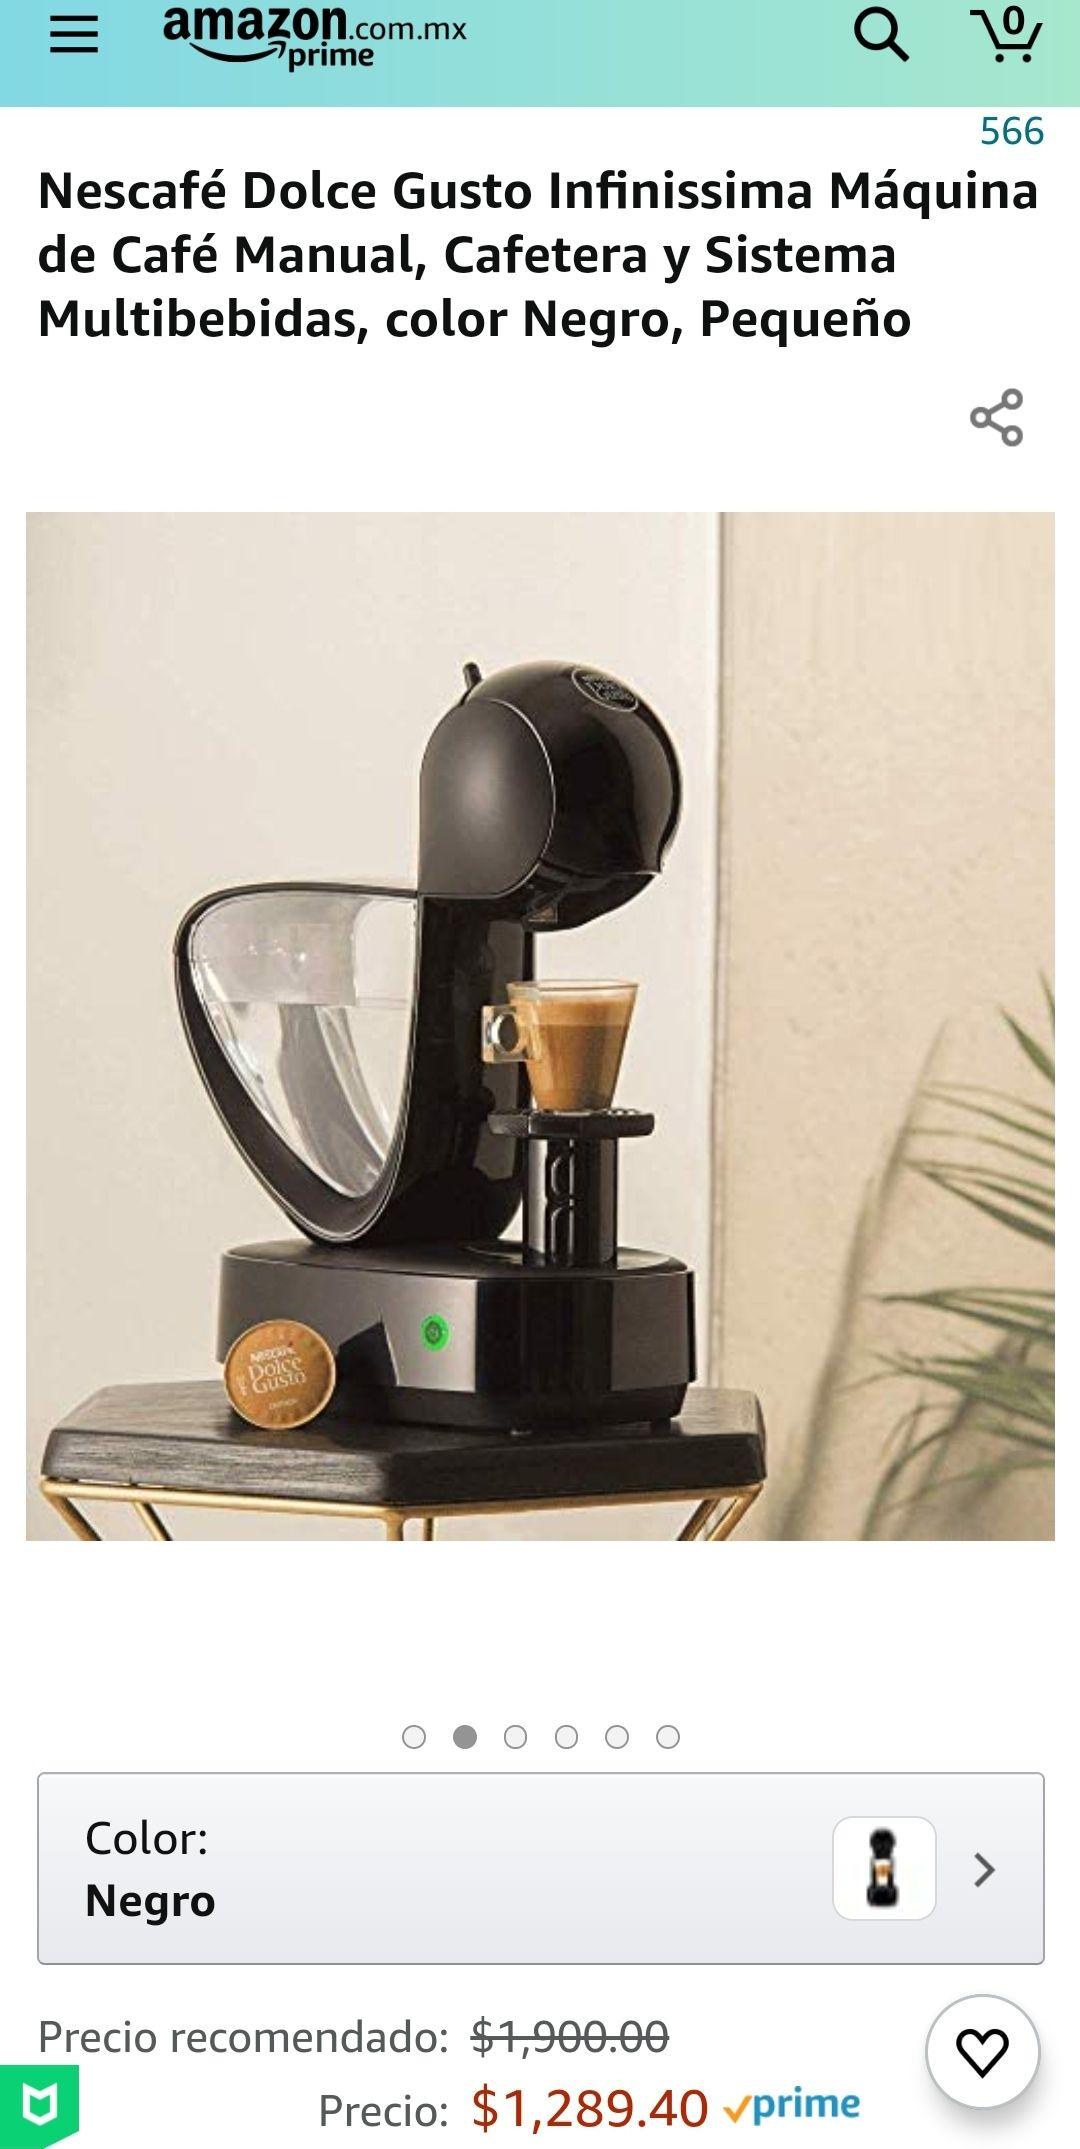 Amazon, Nescafé Dolce Gusto Infinissima Máquina de Café Manual, Cafetera y Sistema Multibebidas, color Negro, Pequeño